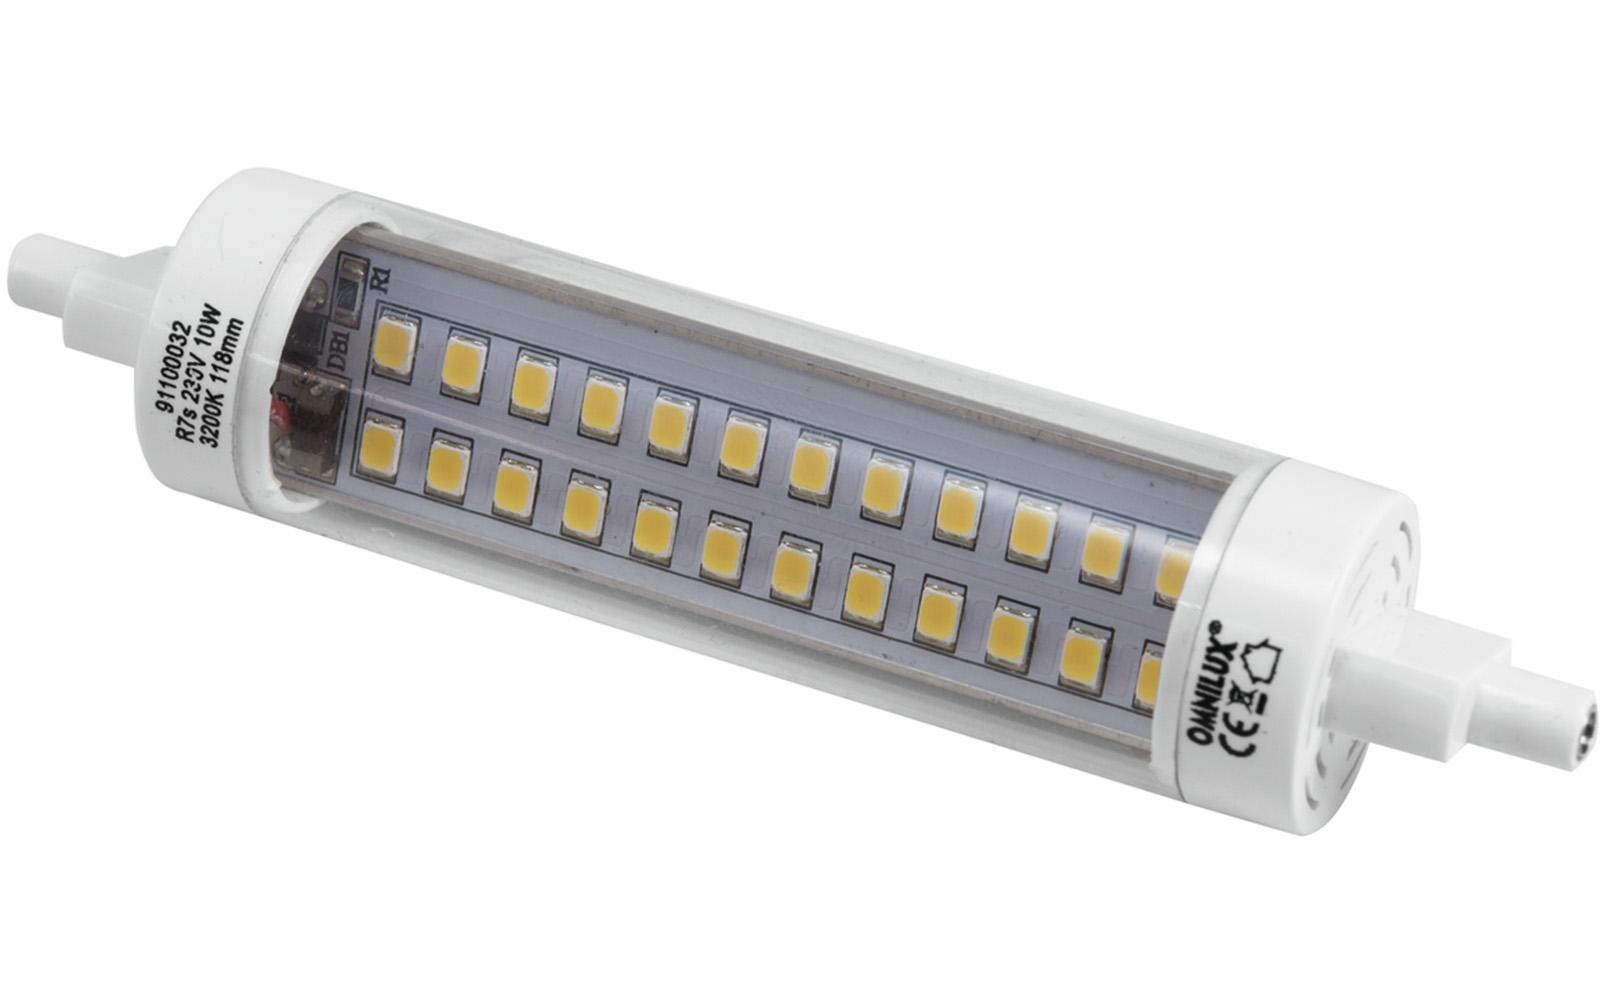 omnilux-led-230v-10w-r7s-118mm-stabbrenner